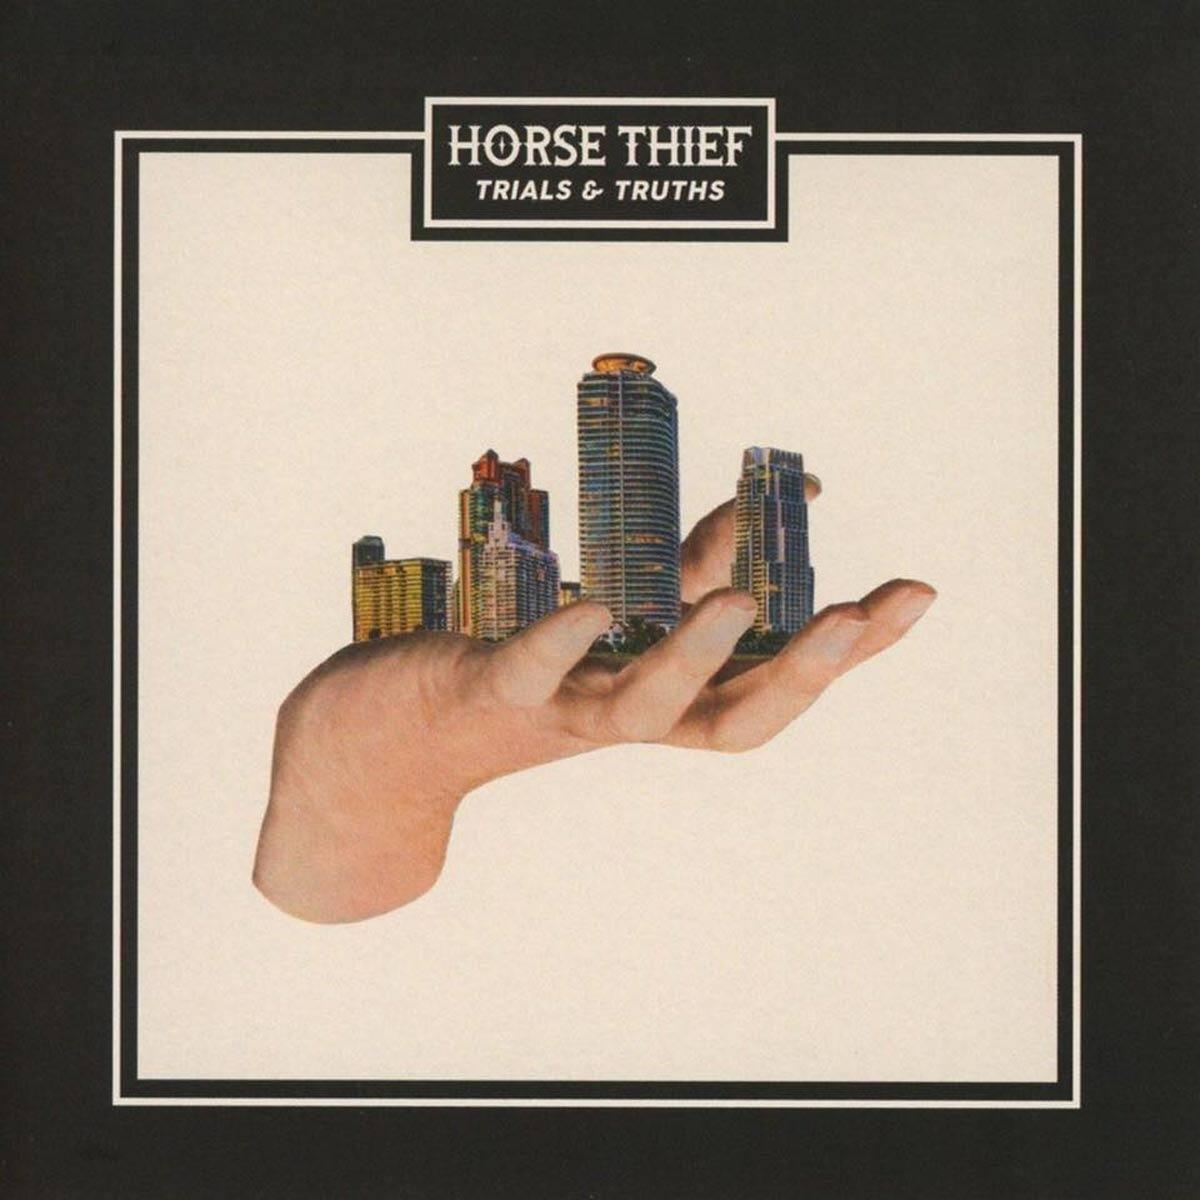 Horse Thief - Trials & Truths